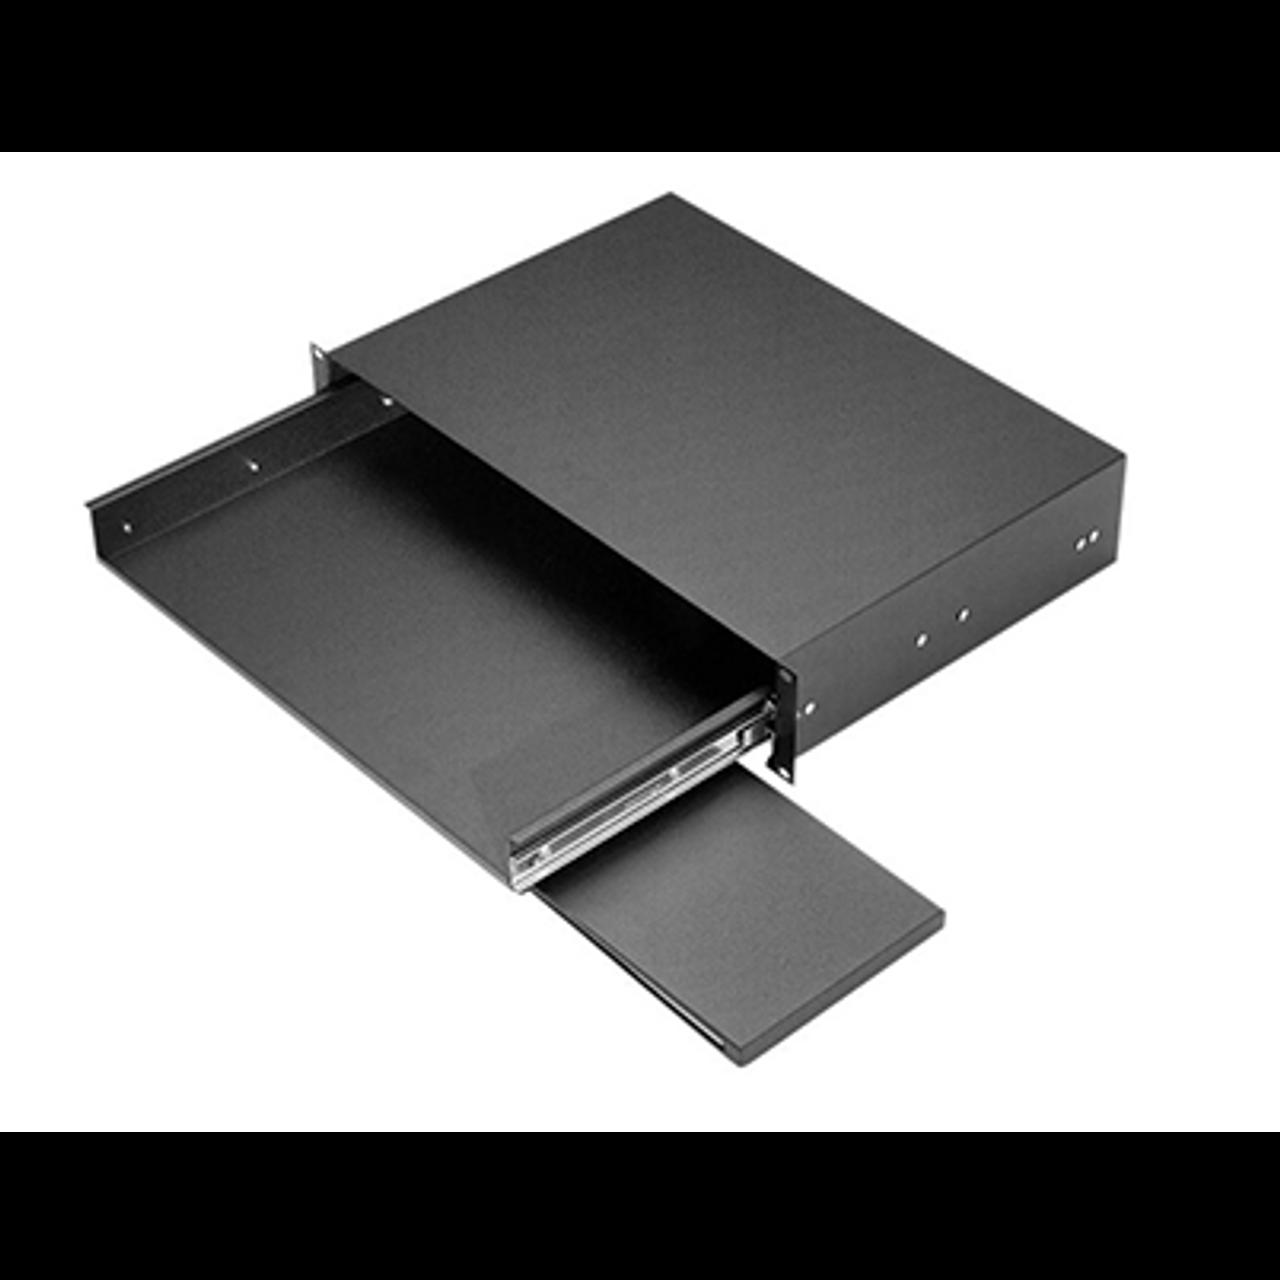 keyboard shelf rack mount drawer rackmount solutions. Black Bedroom Furniture Sets. Home Design Ideas